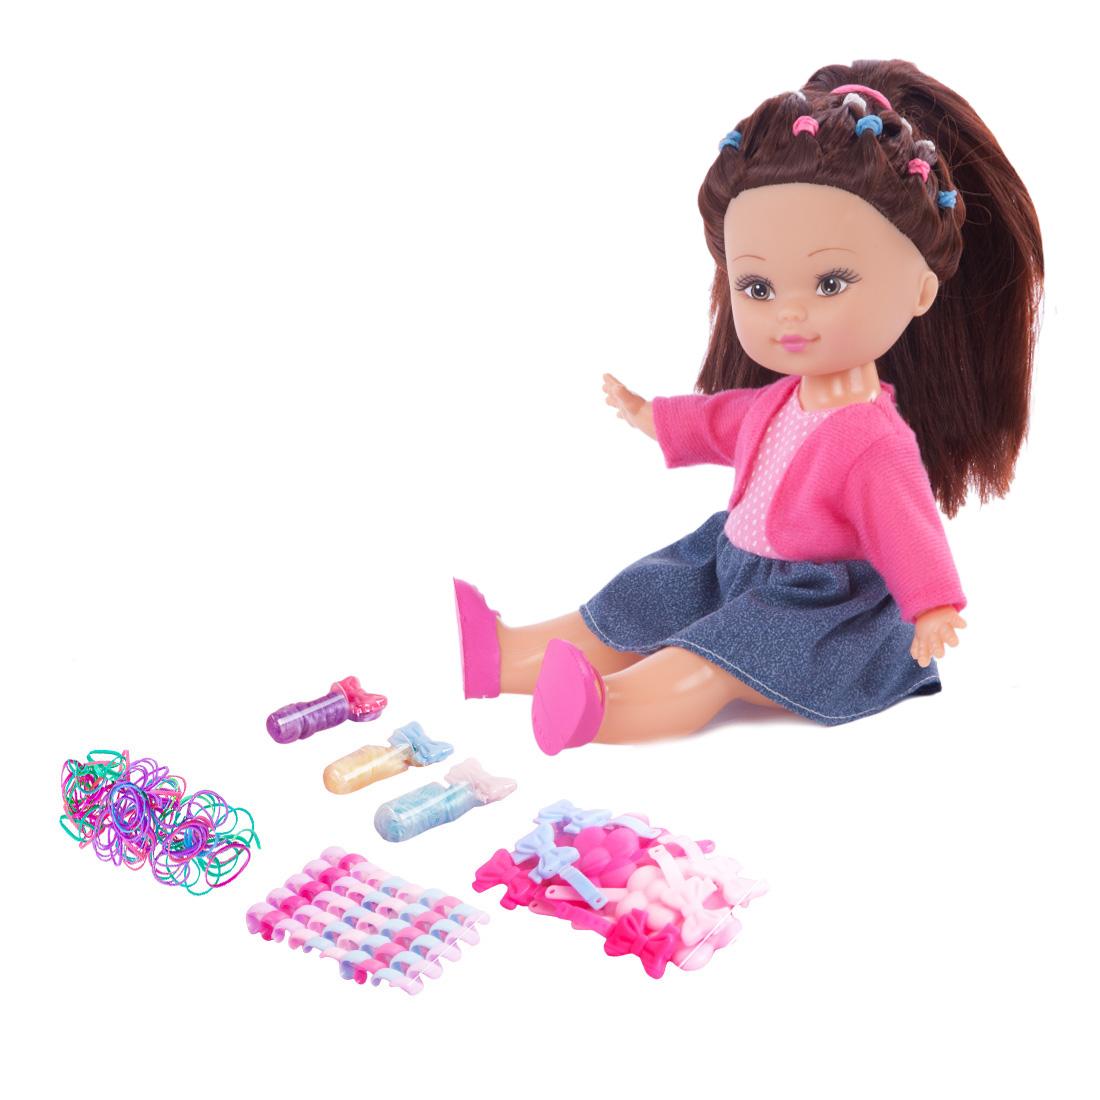 Другие куклы Mary Poppins Кукла Mary Poppins «Элиза. Студия модных причесок» mary poppins mary poppins кукла интерактивная я морщу носик маша page 1